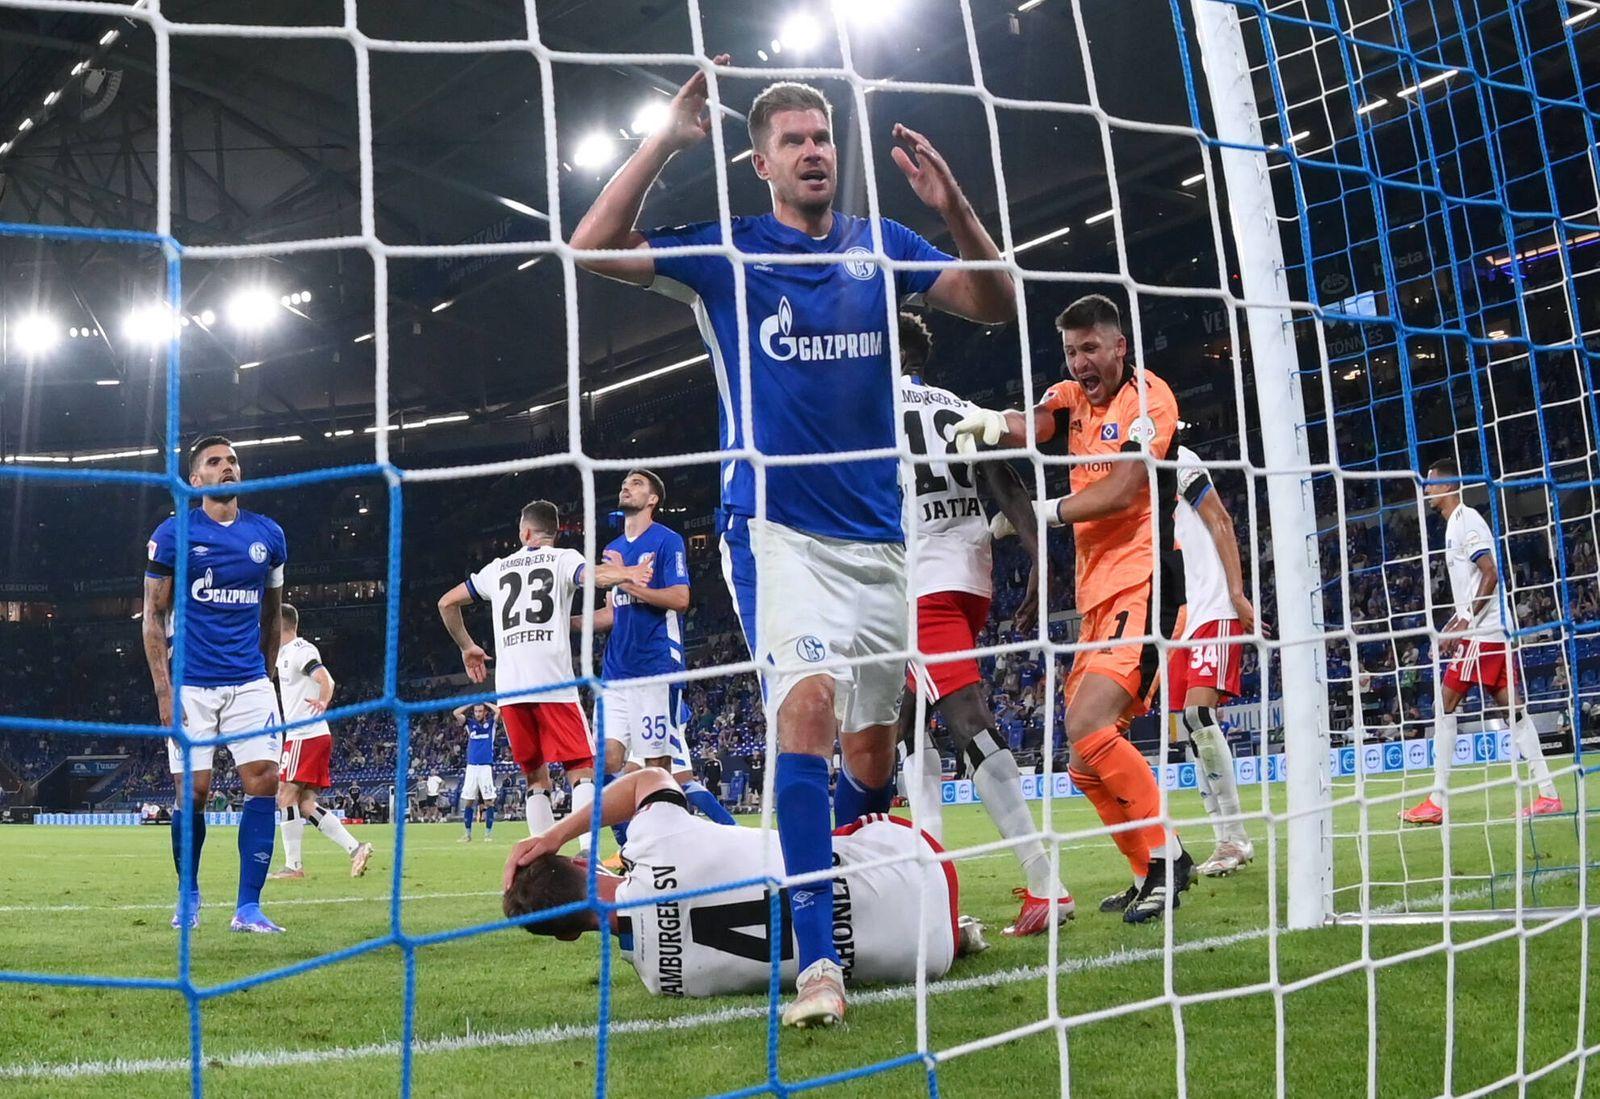 Simon Terodde (FC Schalke 04) ist Fassungslos, rechts jubelt Torwart Daniel Heuer Fernandes (Hamburger SV) 23.07.2021, F